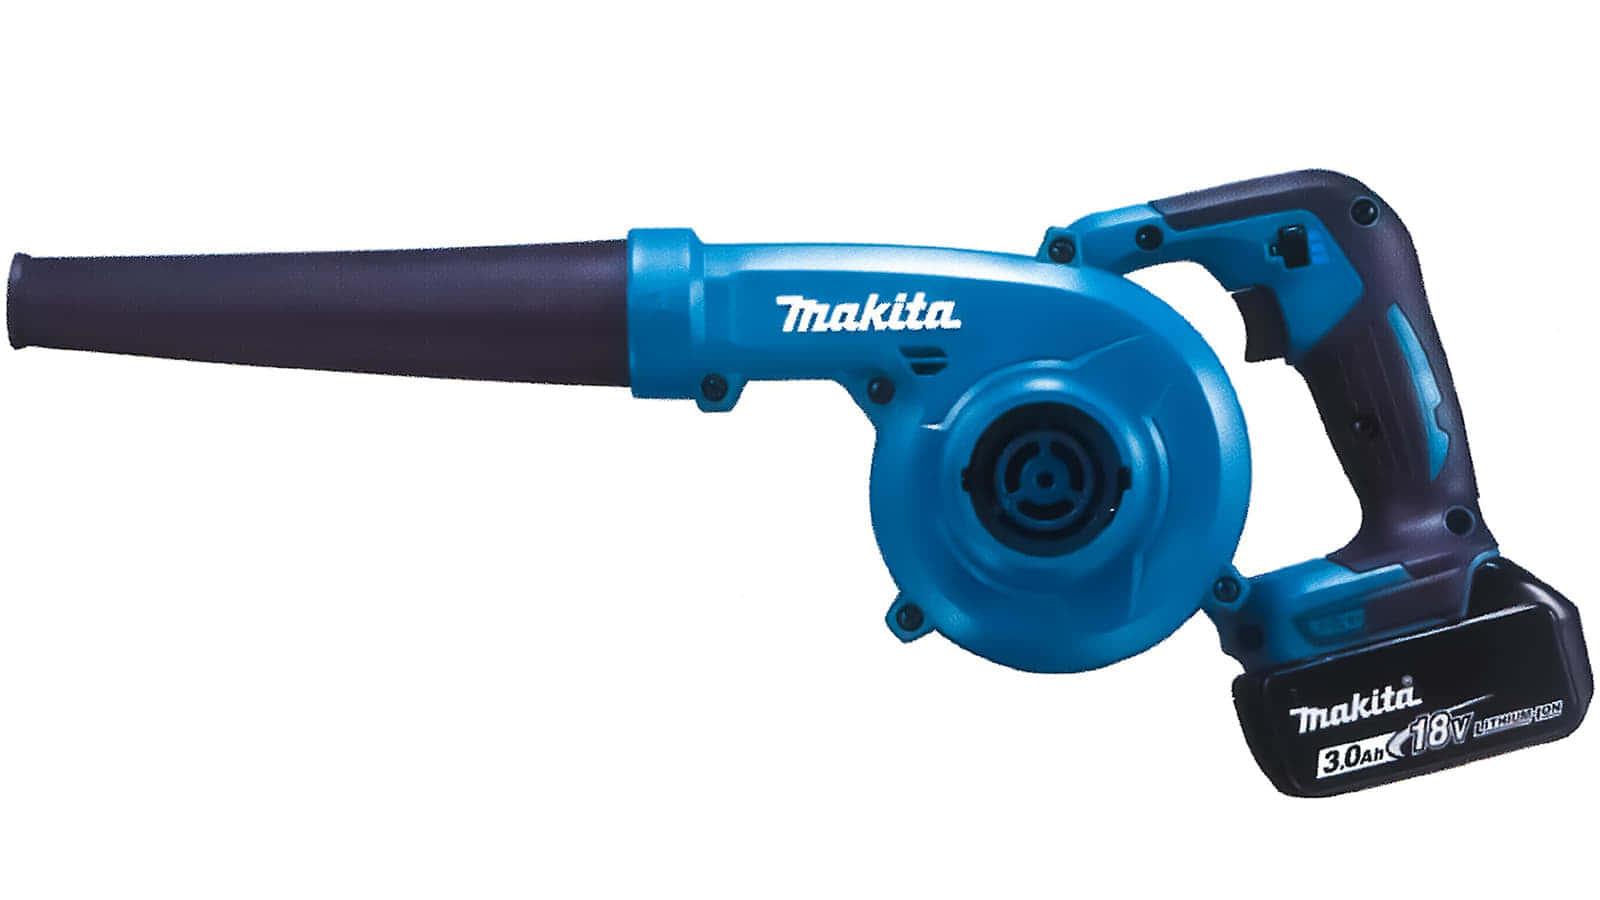 マキタ UB185D 18V充電式ブロワ 従来モデルから23%の風量アップ